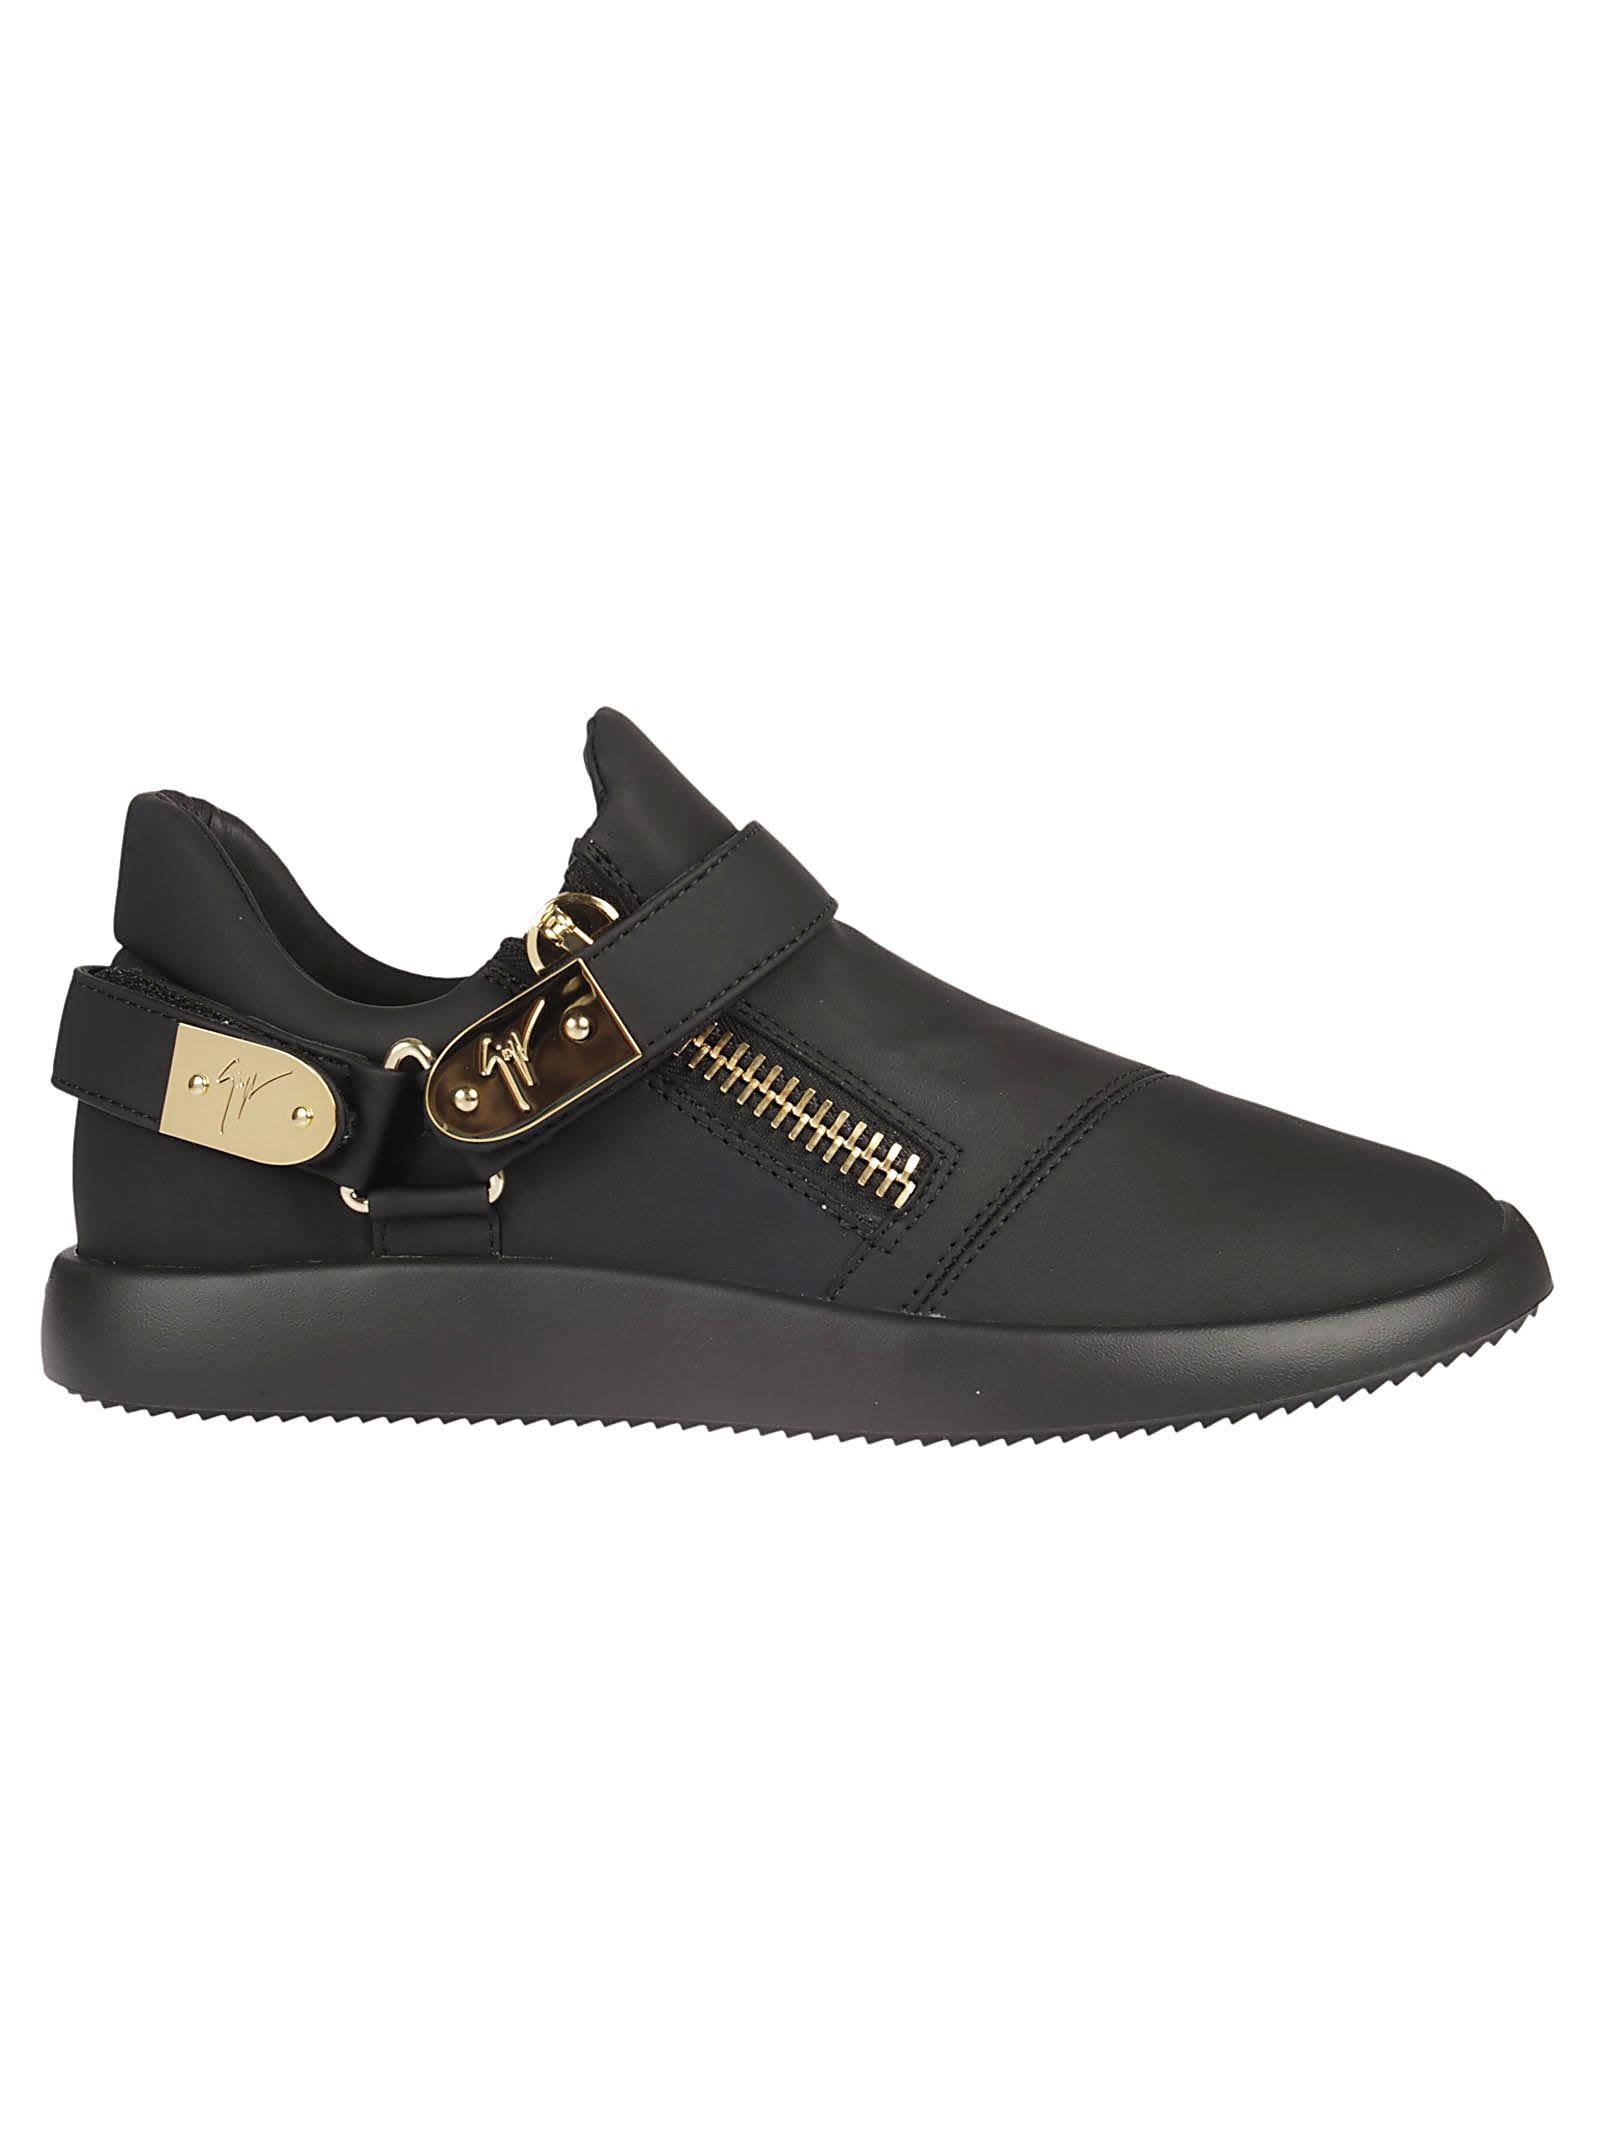 Giuseppe Zanotti Runner Sneakers